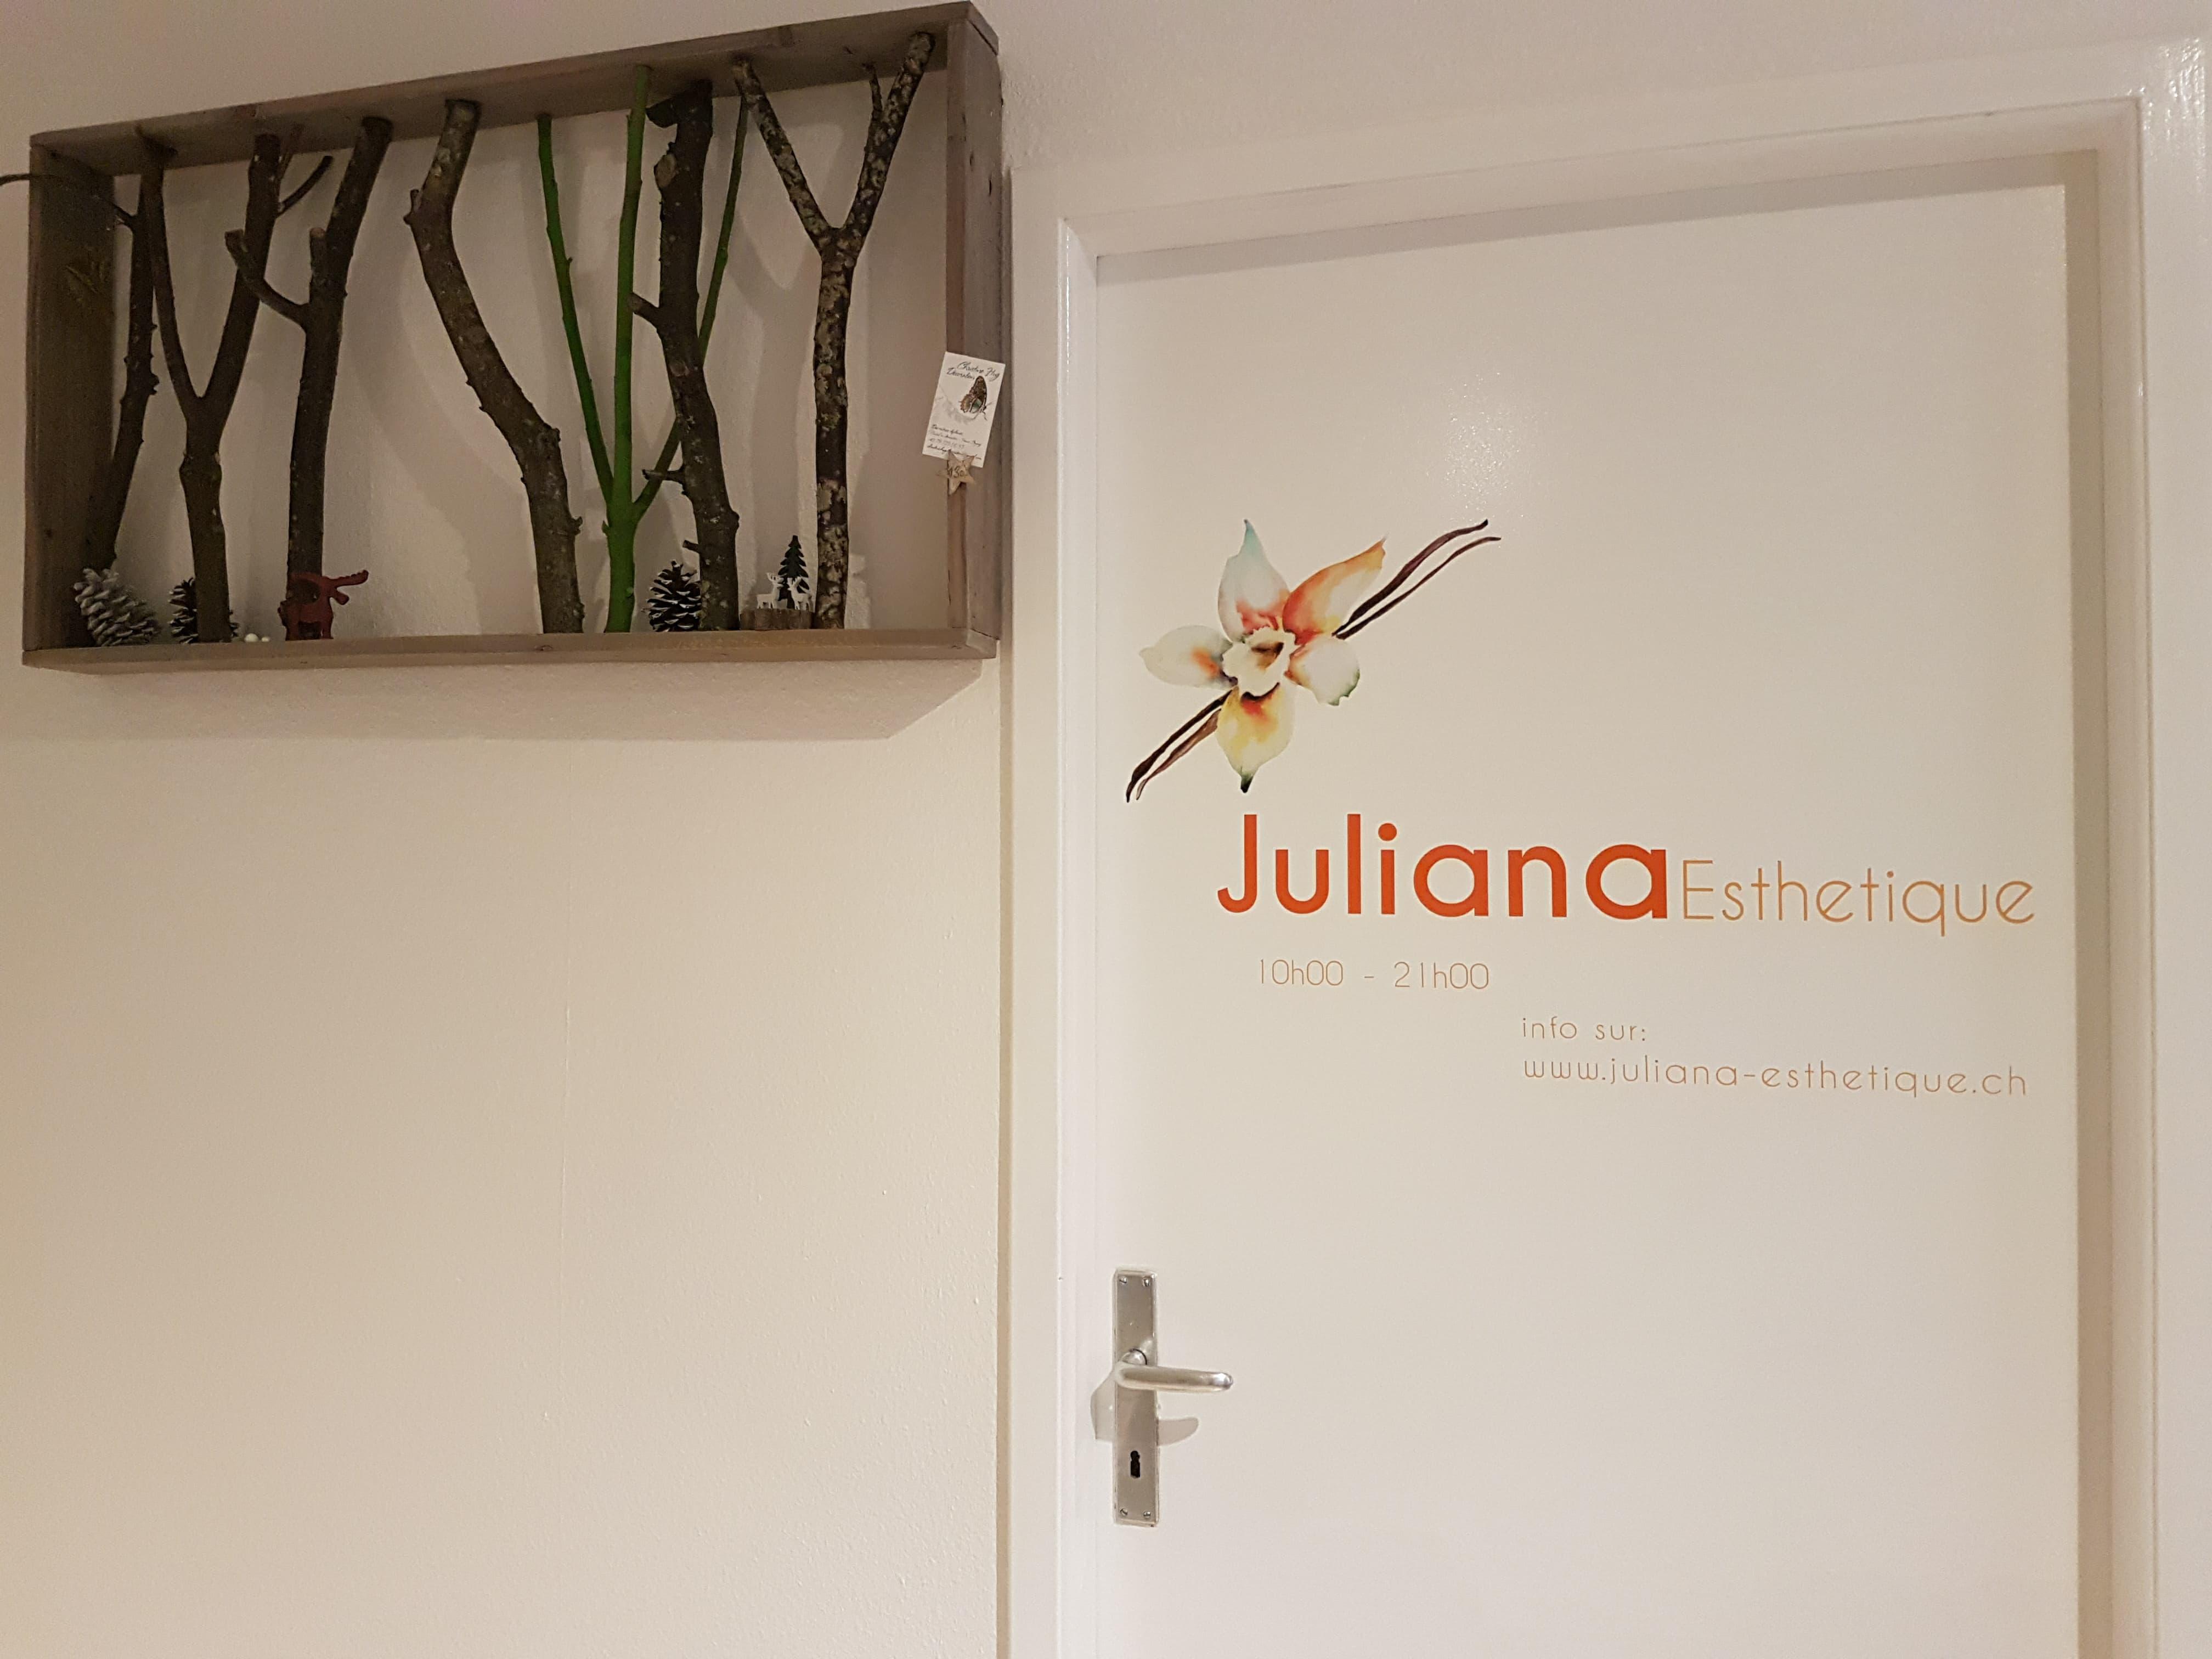 Juliana Esthétique - Geneve